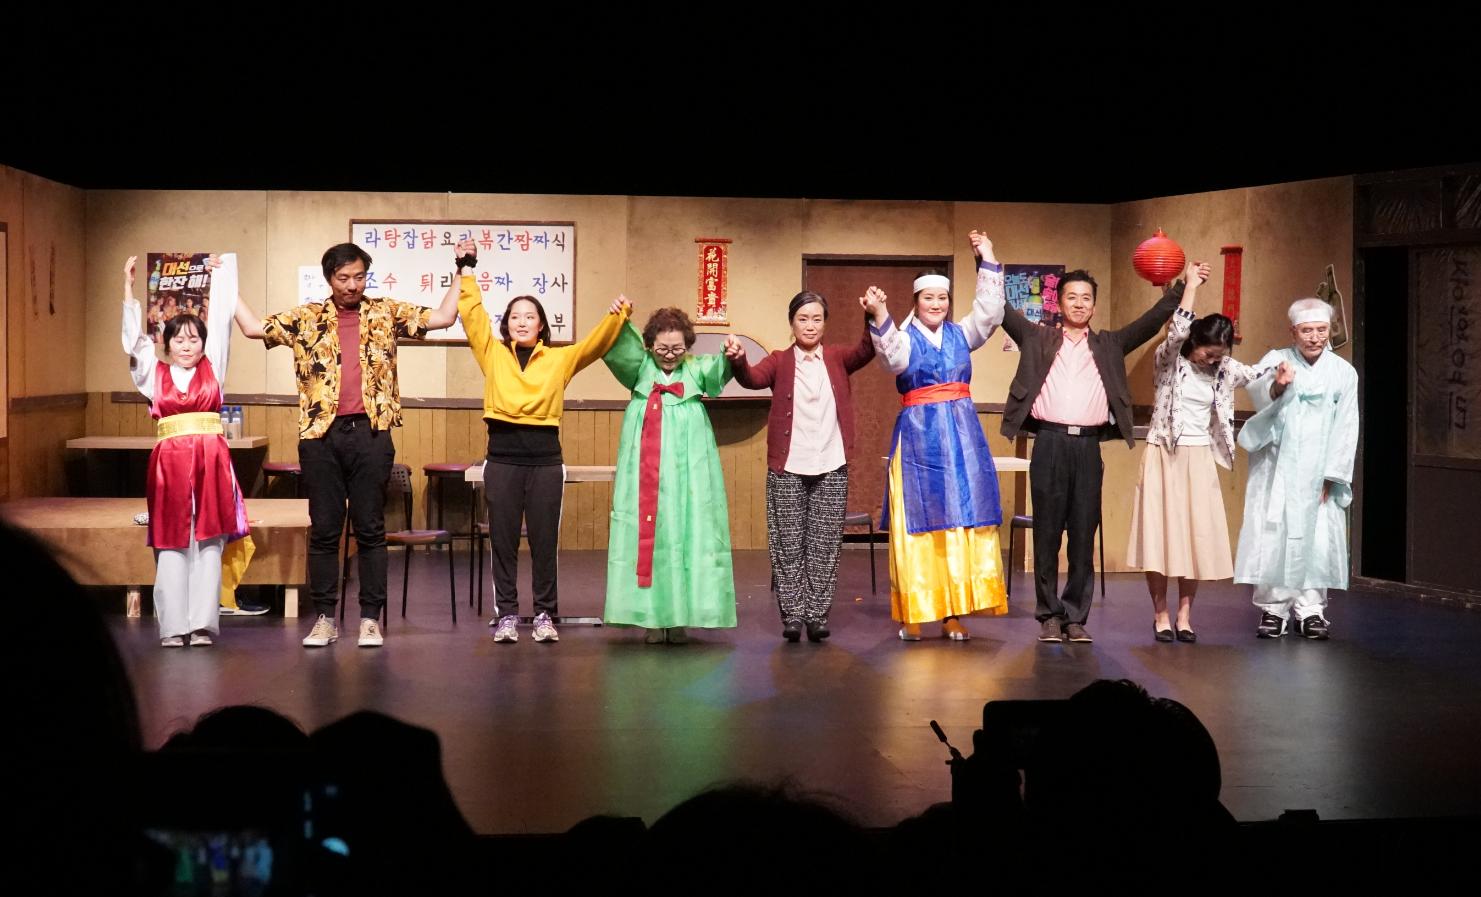 한인극단 '하누리' 30주년 공연 '만리향' 성황리에 첫선 보여